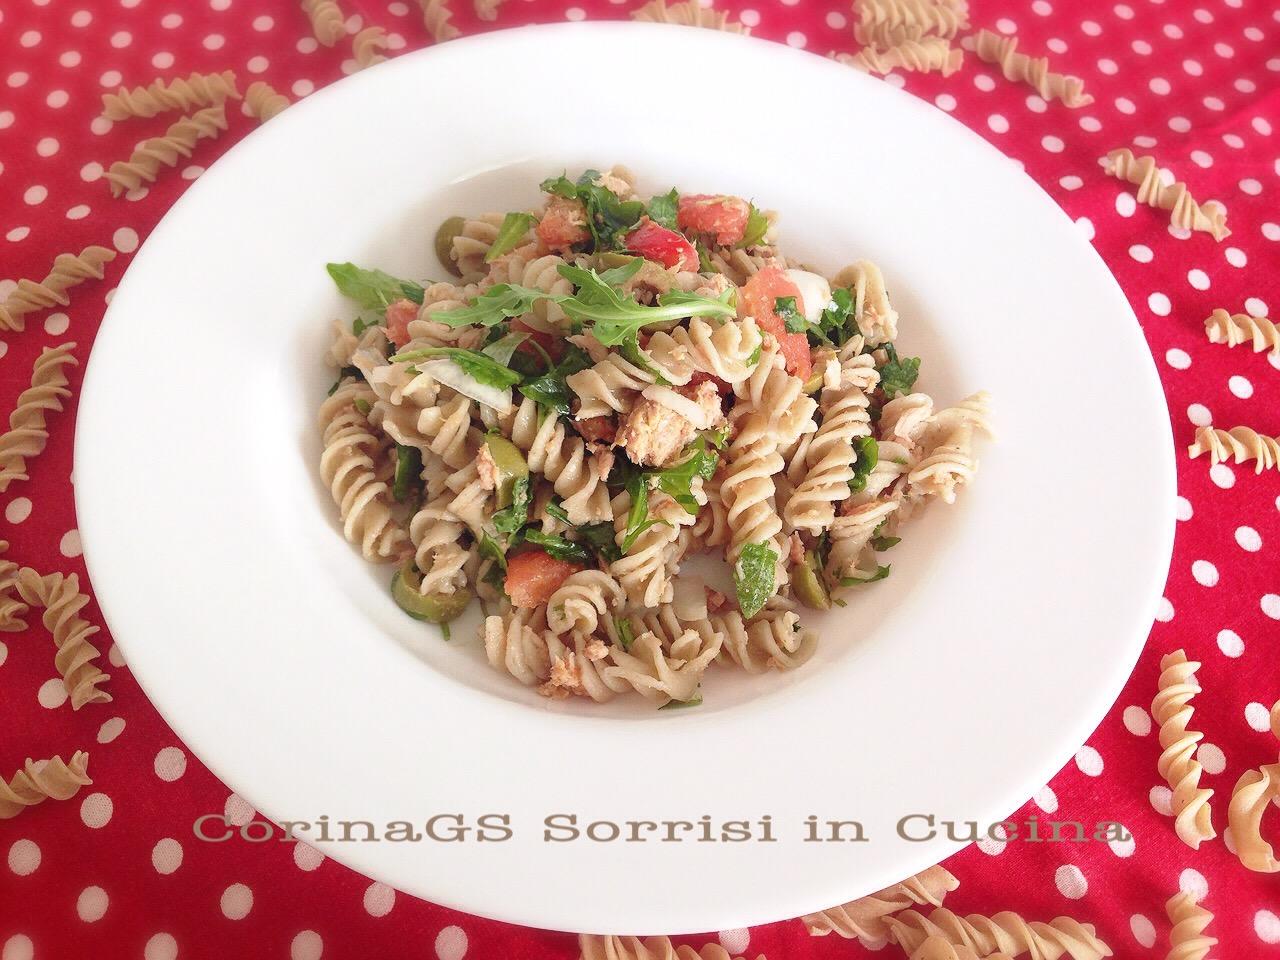 Insalata di pasta di lenticchie con tonno e rucola